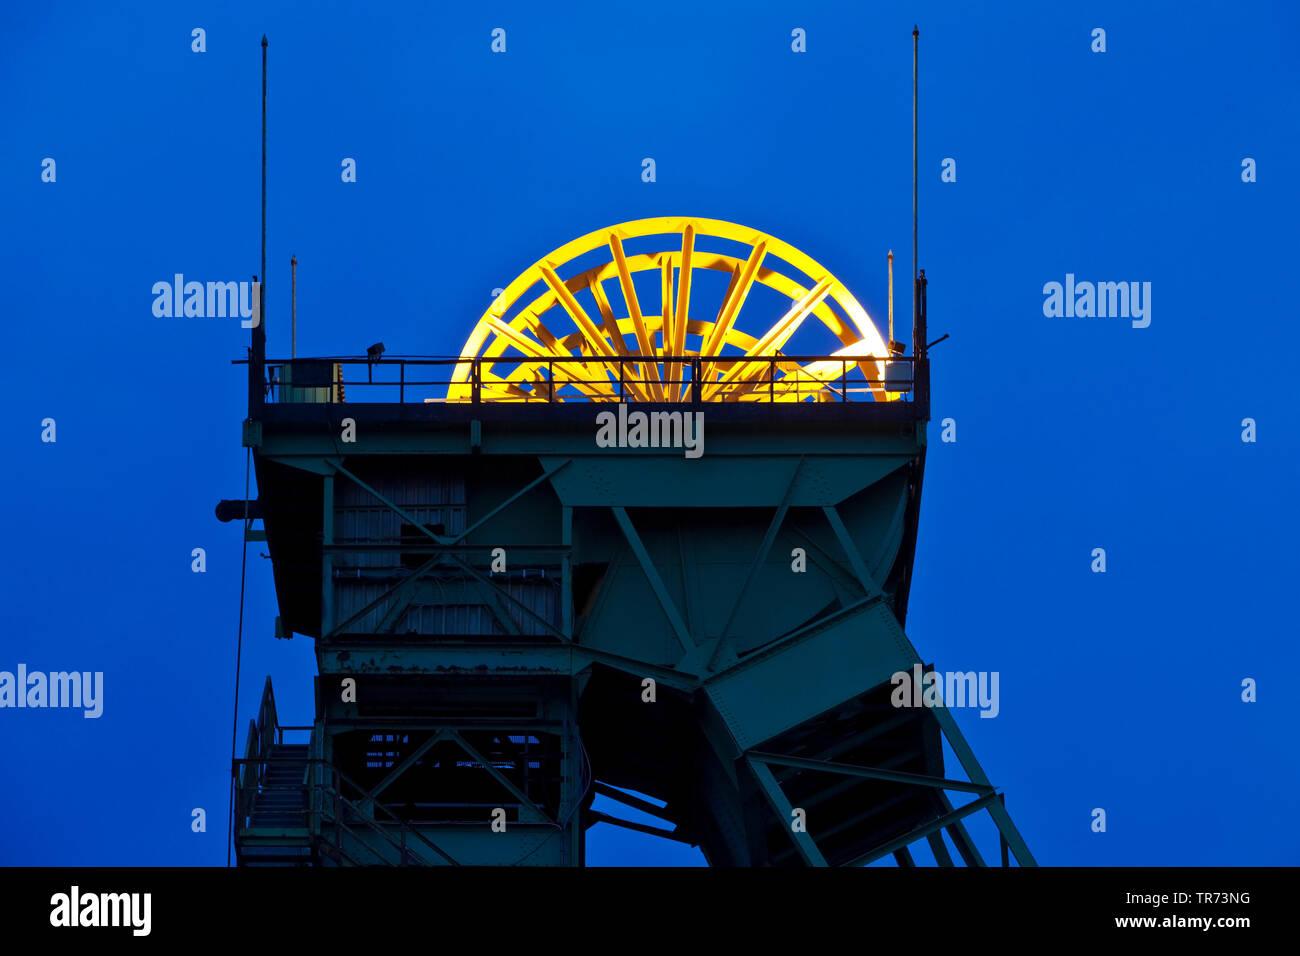 Illuminierte Seilscheibe der Zeche Westfalen, stillgelegtes Steinkohlen Bergwerk am Abend, Deutschland, Nordrhein-Westfalen, Muensterland, Ahlen   ill - Stock Image